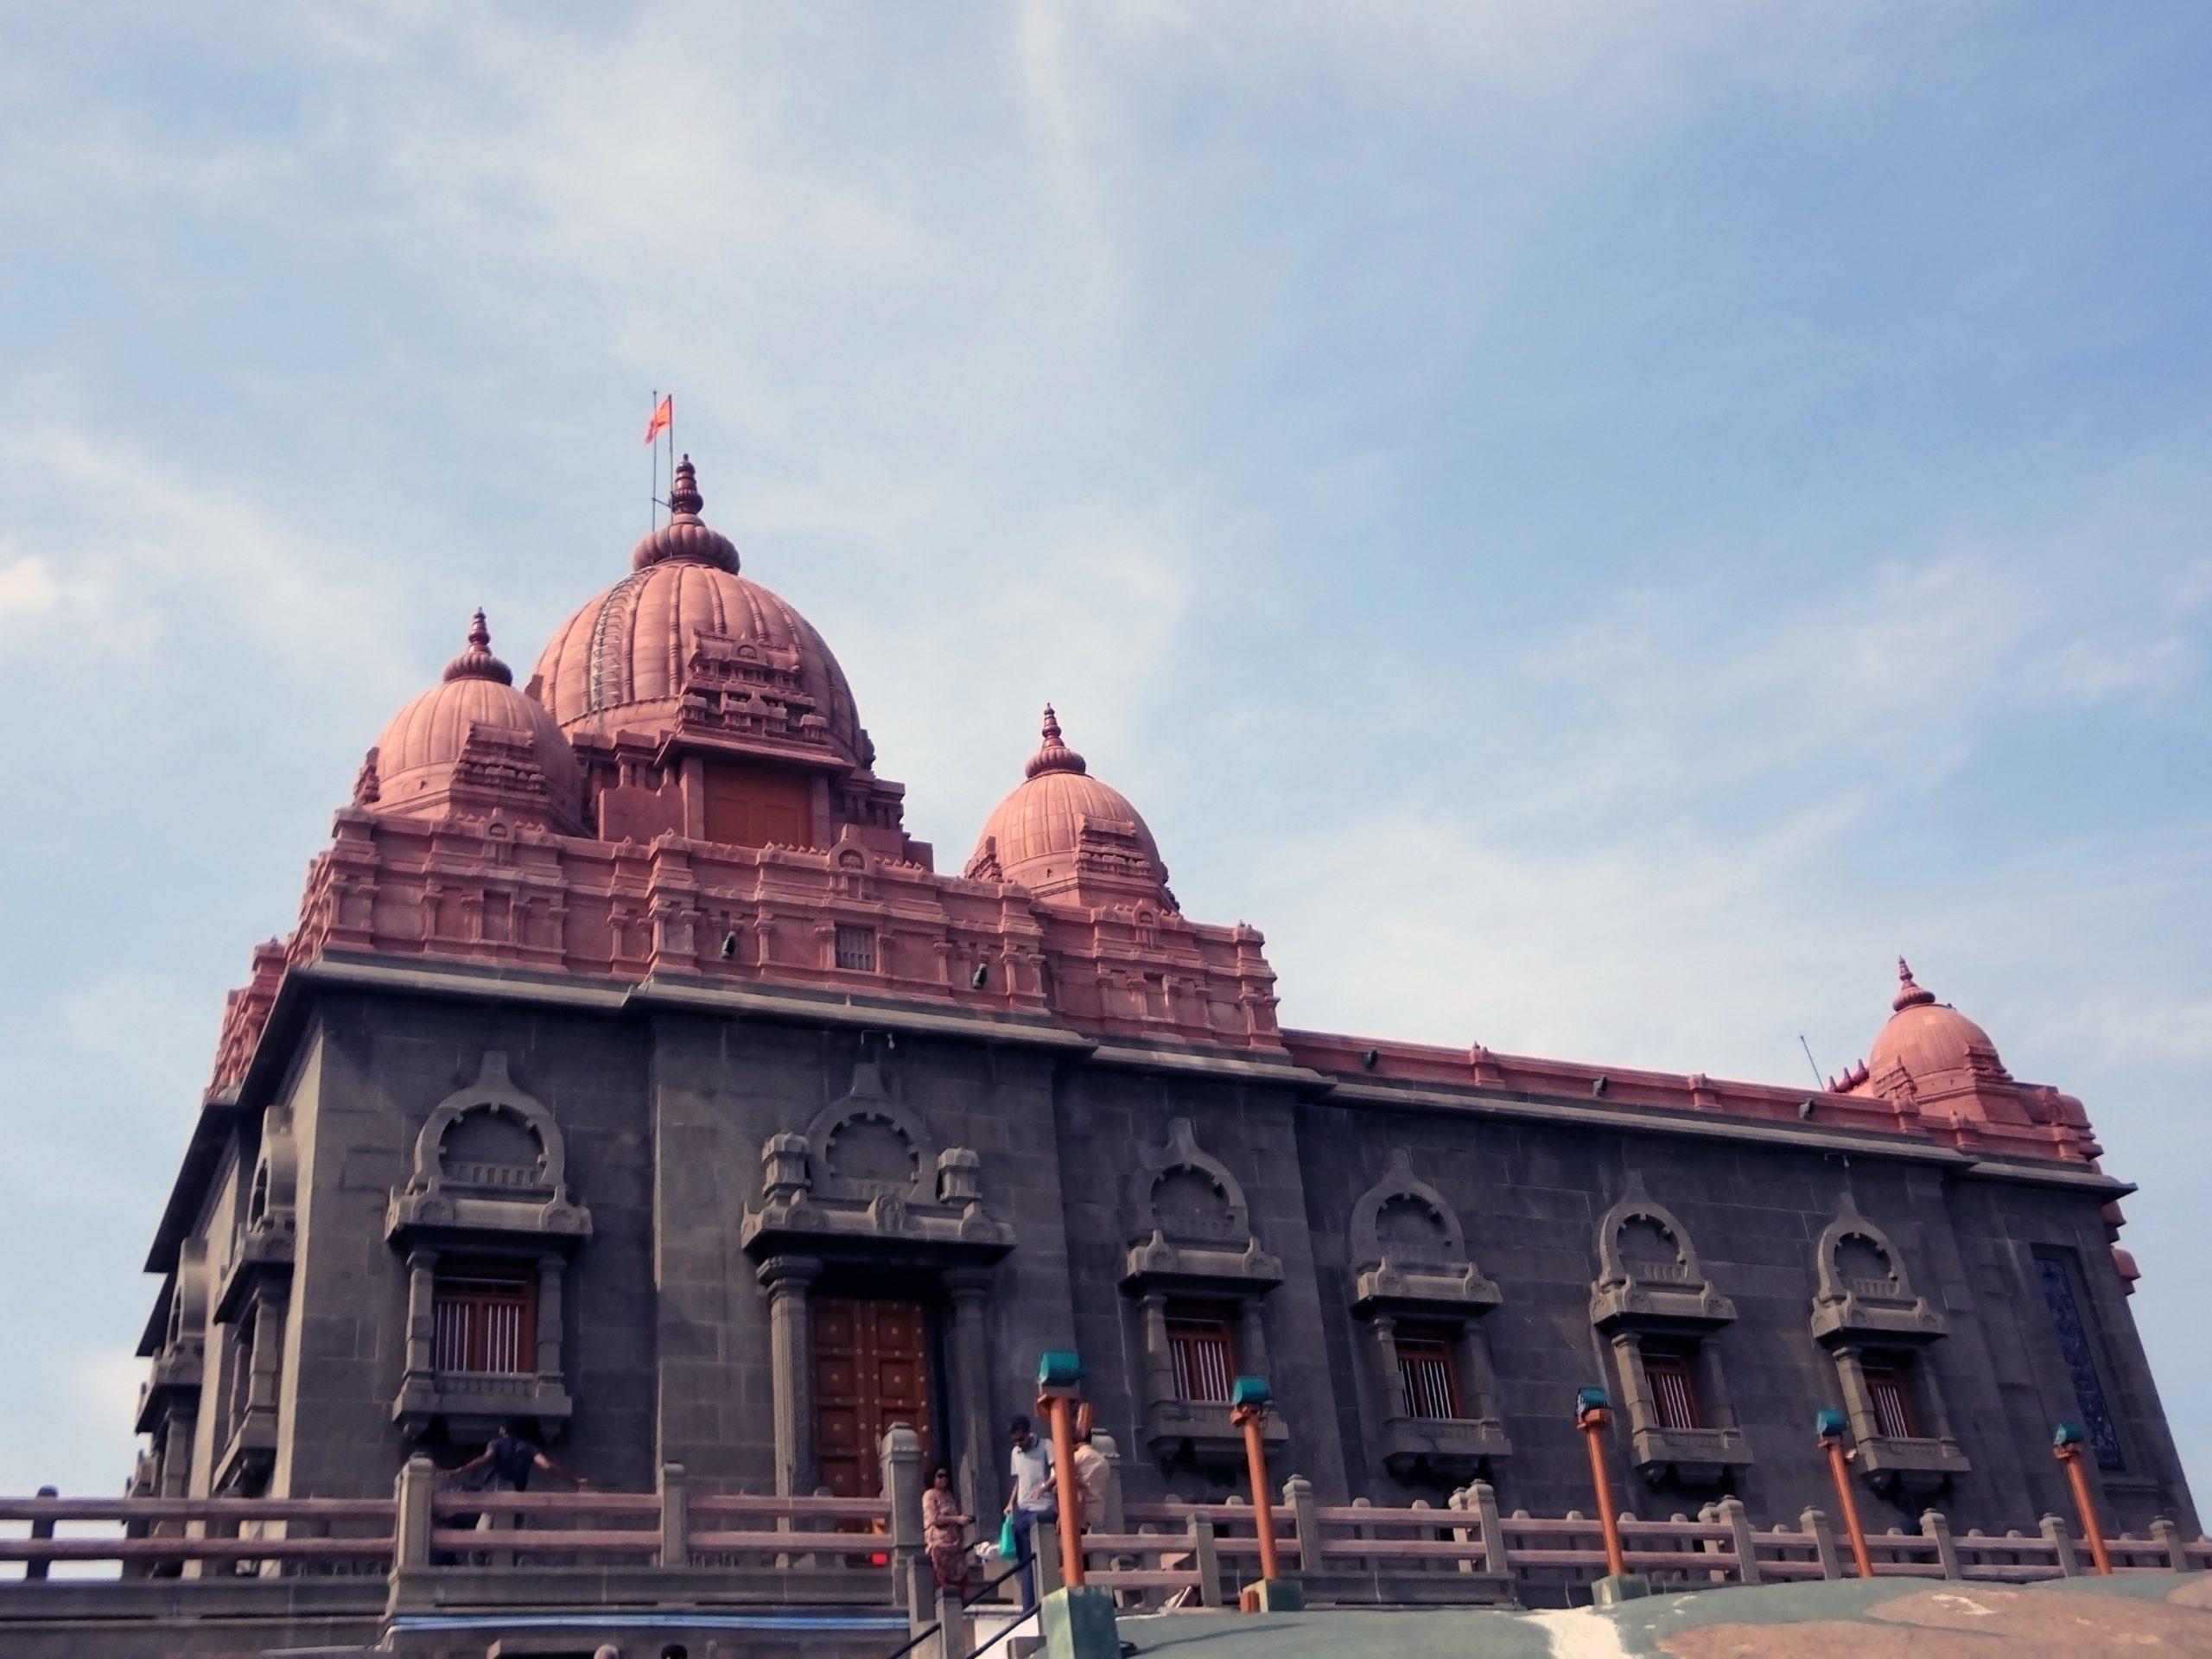 Vivekananda Rock Memorial at Kanyakumari